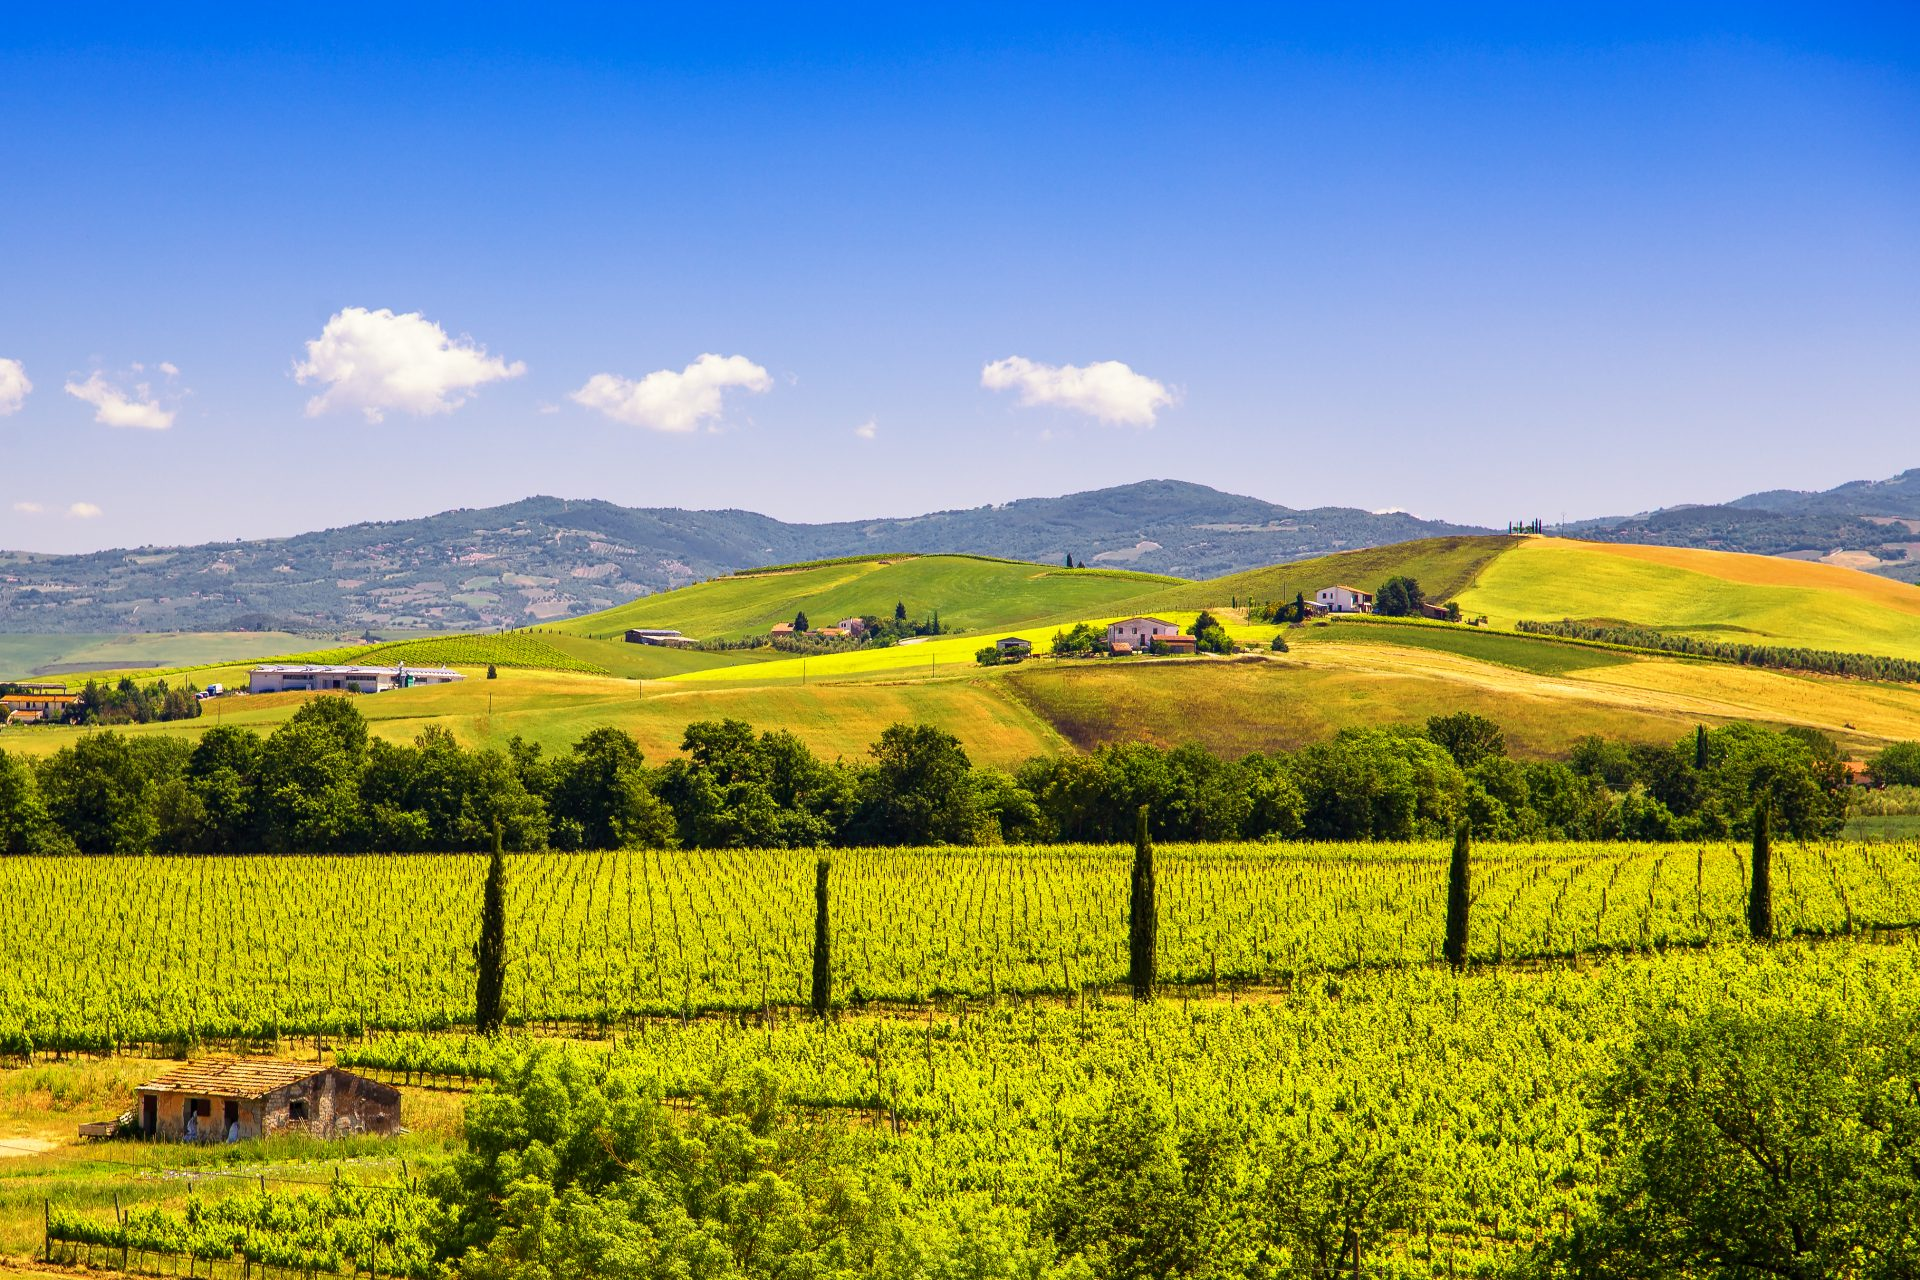 De heuvels bij Montalcino